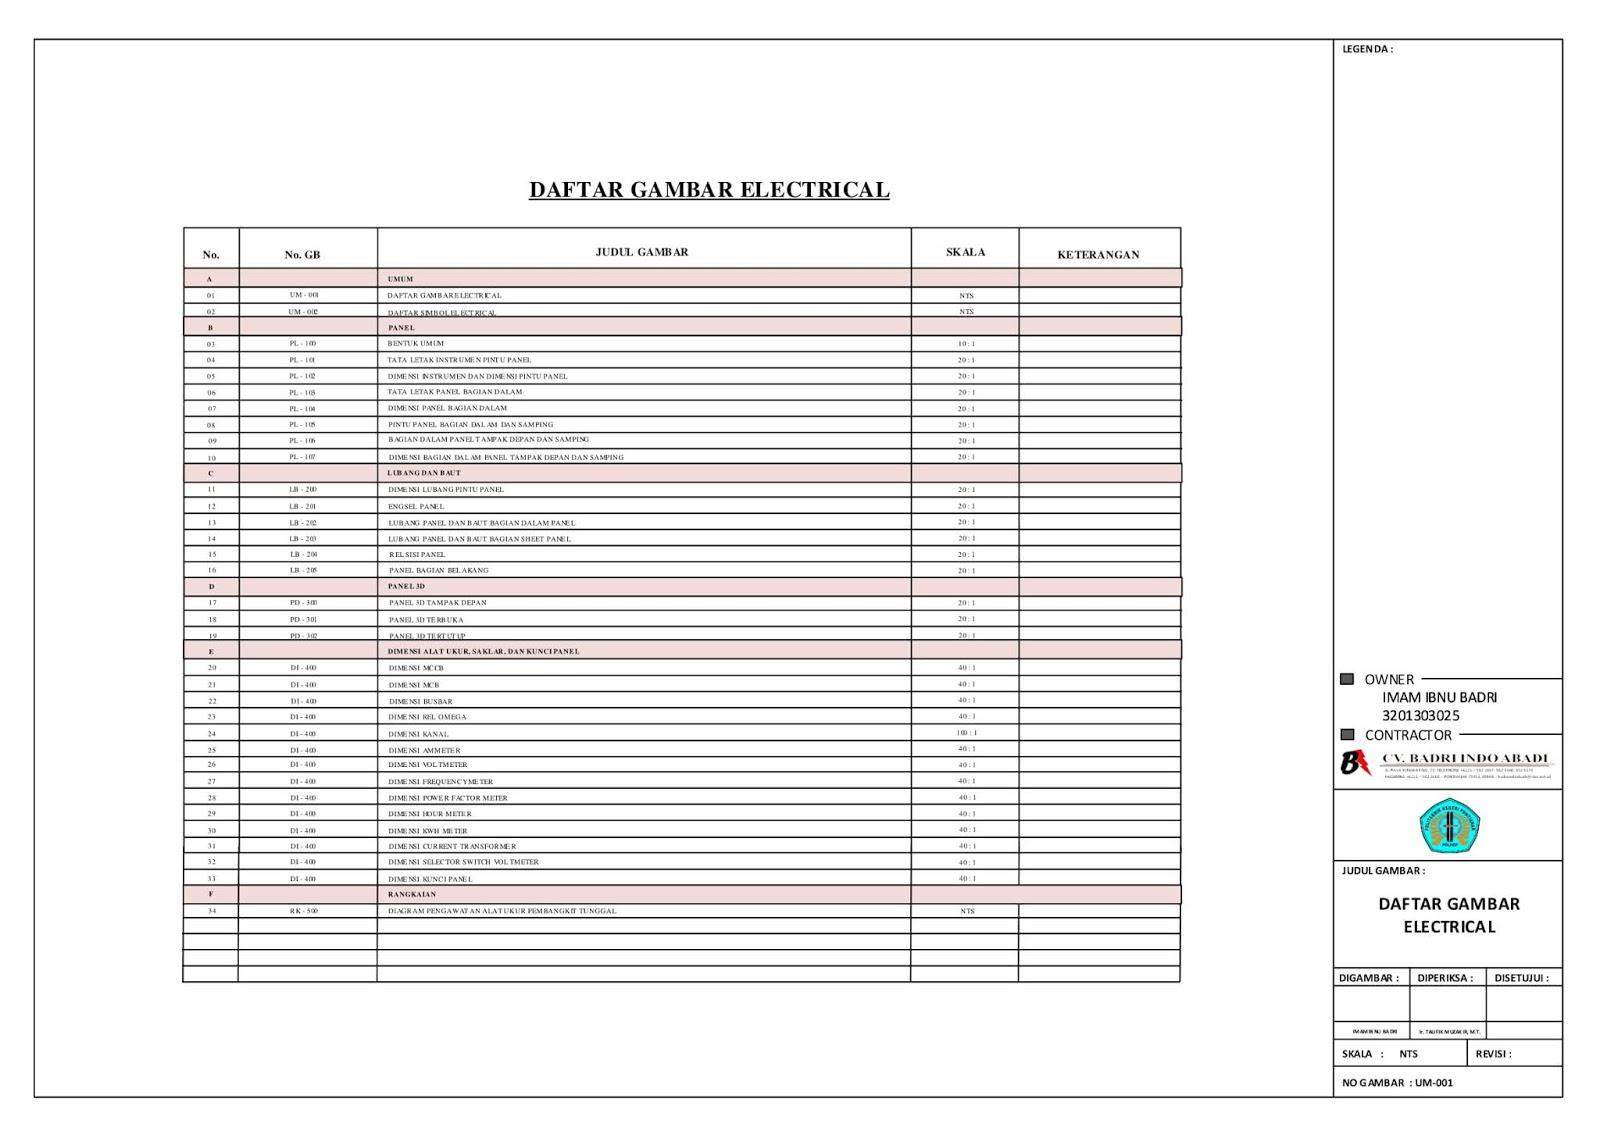 Daftar Gambar Electrical